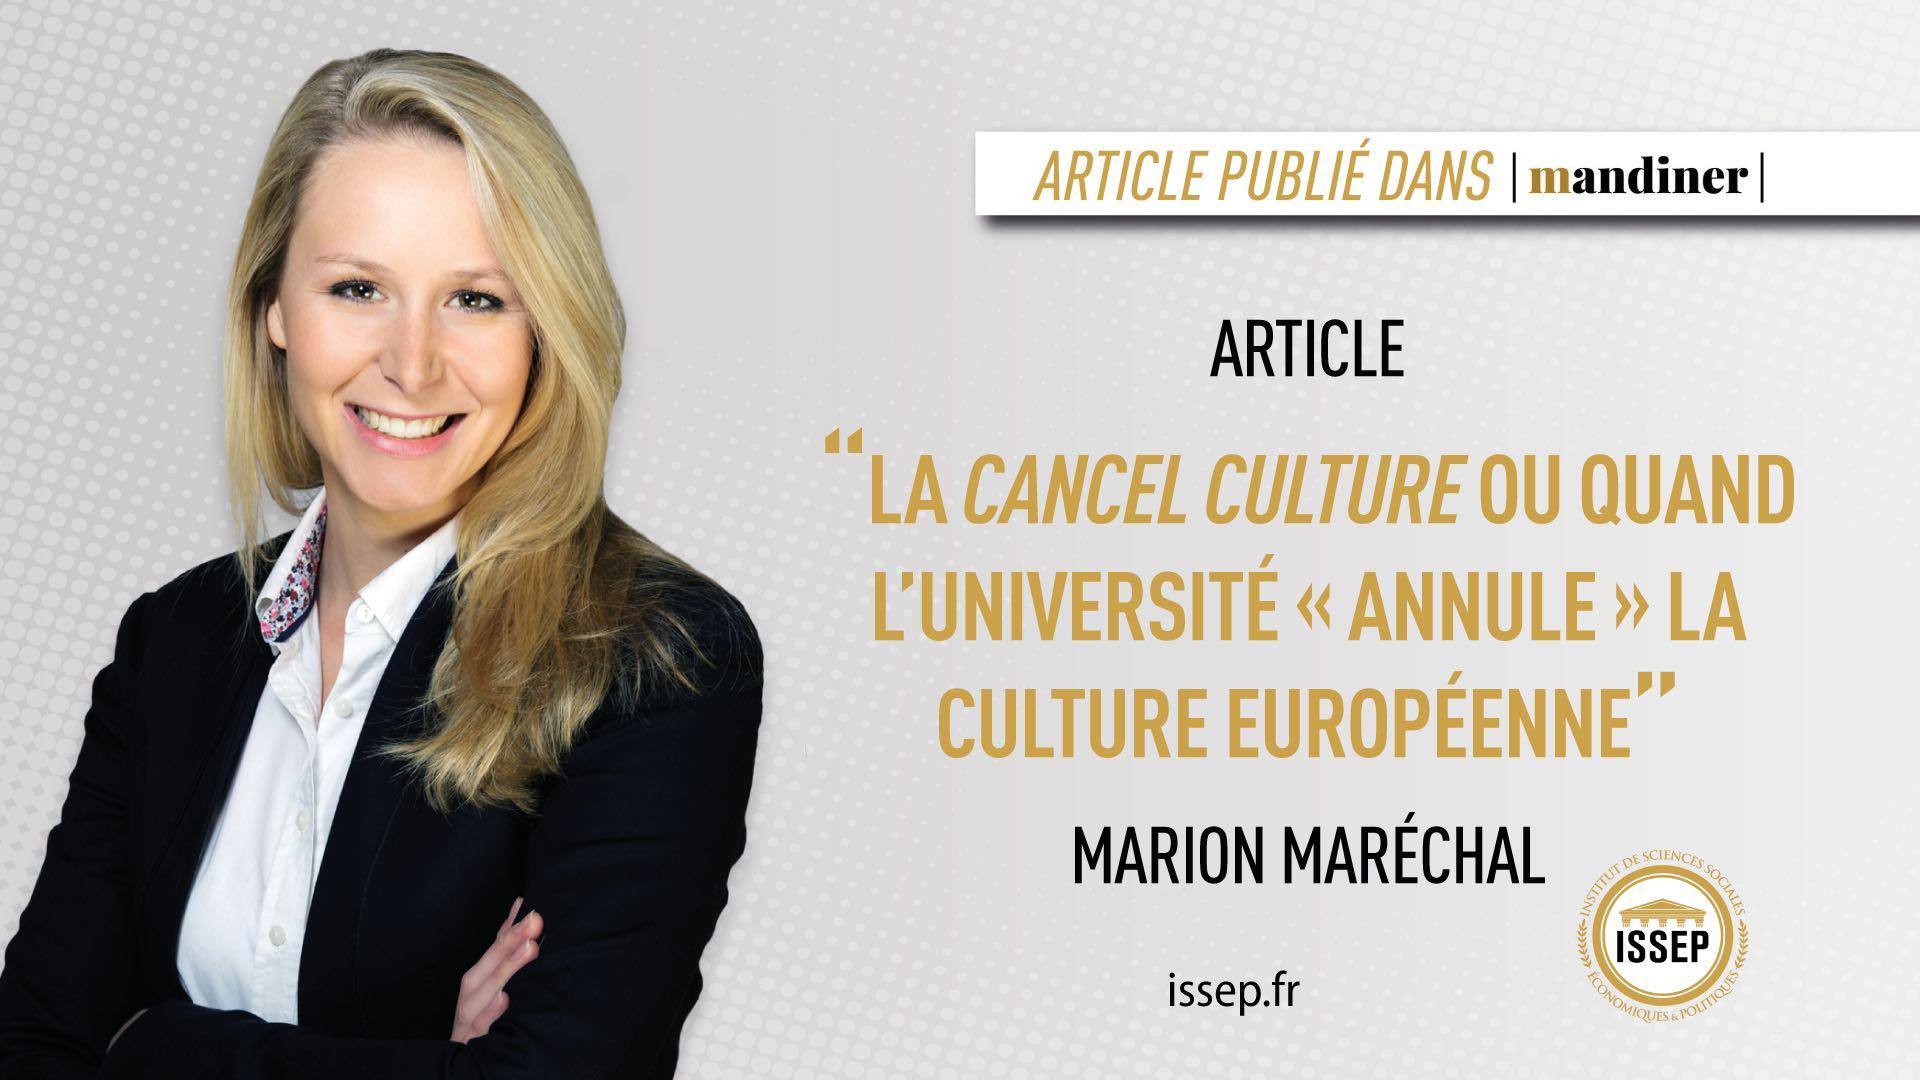 Article de Marion Maréchal paru dans le journal hongrois Mandiner au sujet de la cancel culture